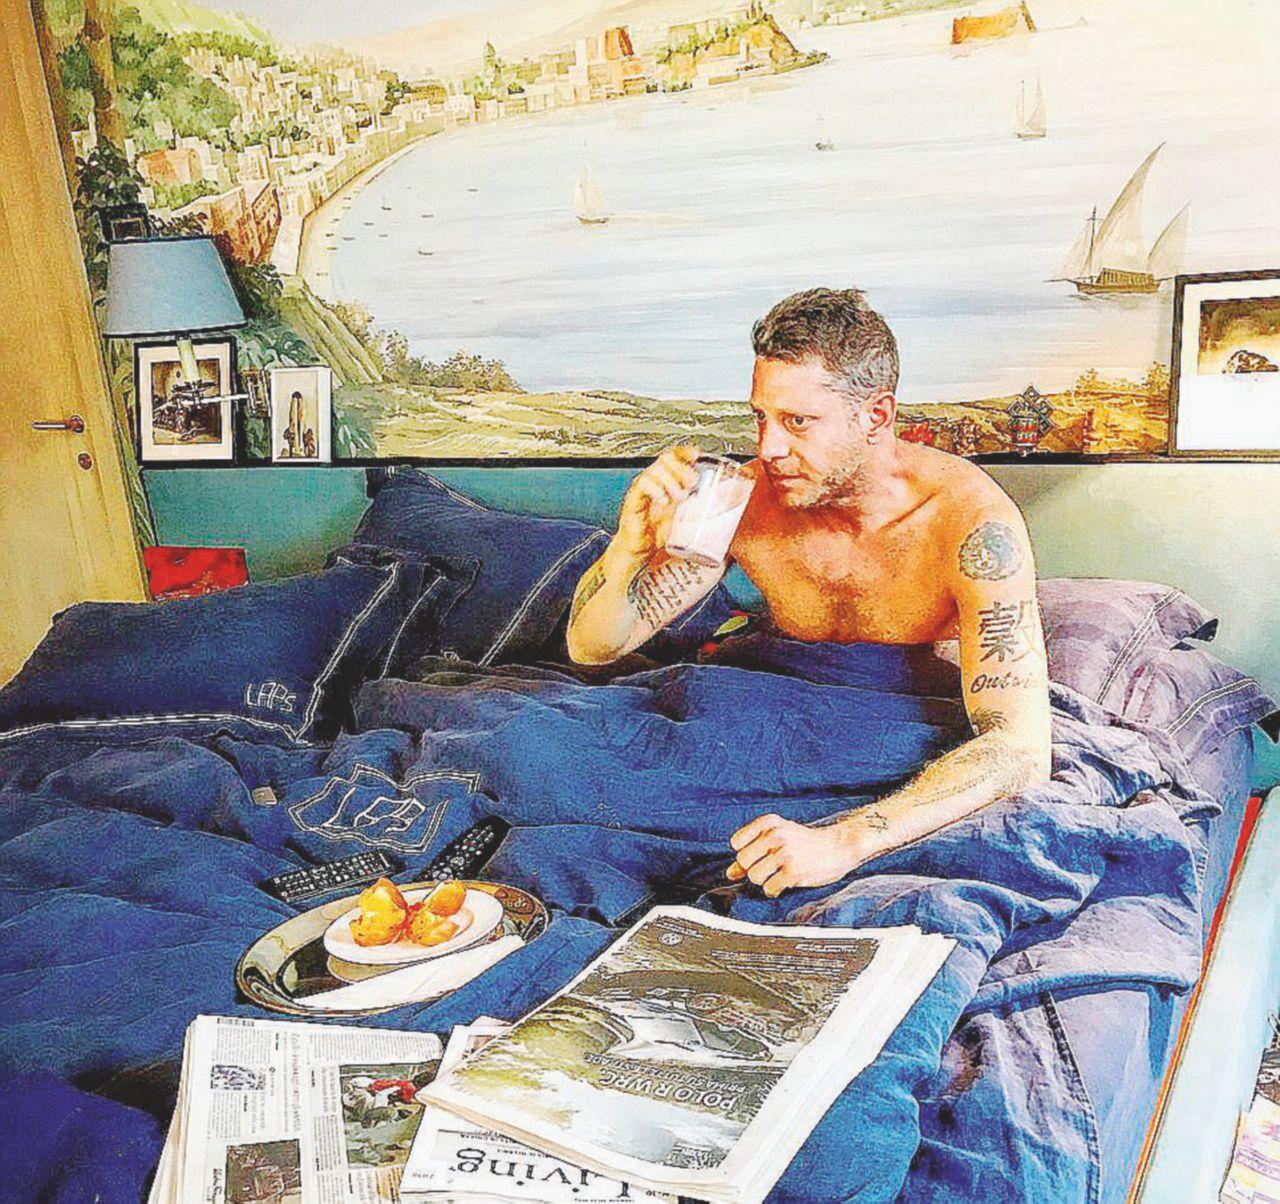 L'autosequestro di Lapo: déjà vu anche a New York